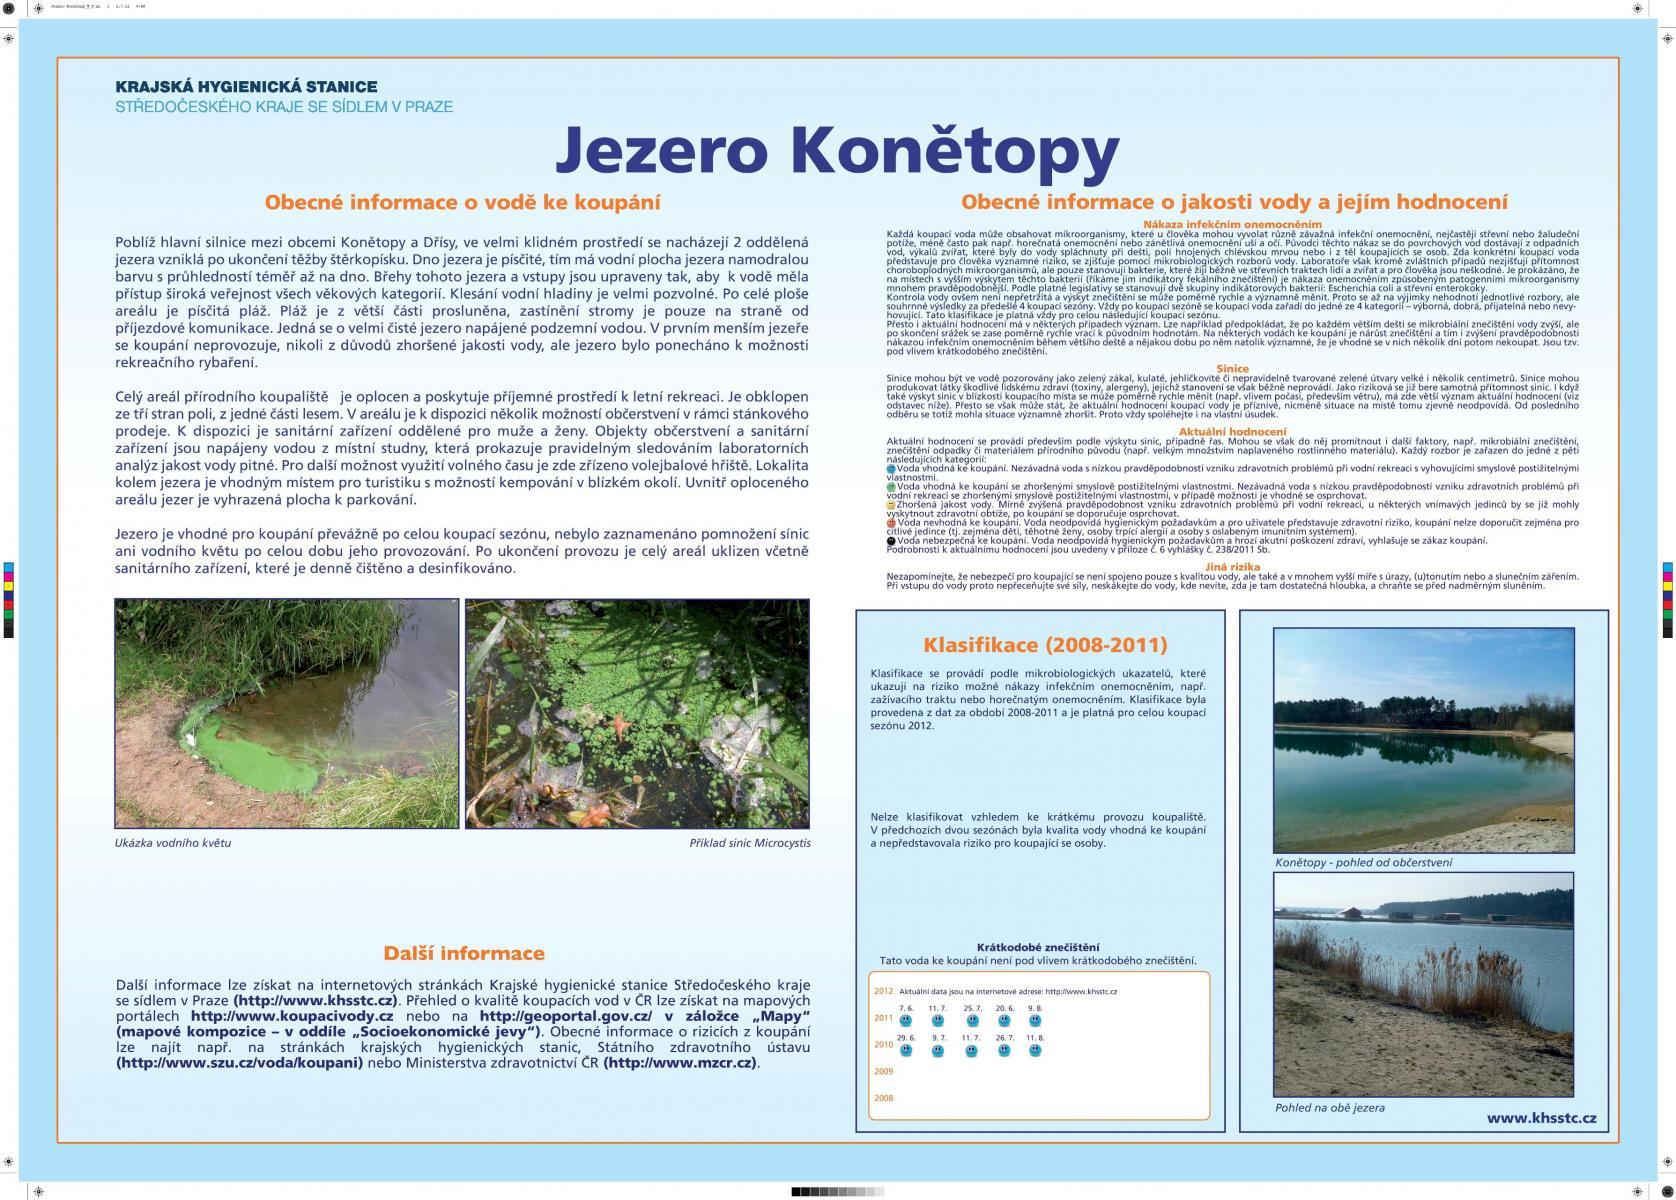 Jezero Konětopy